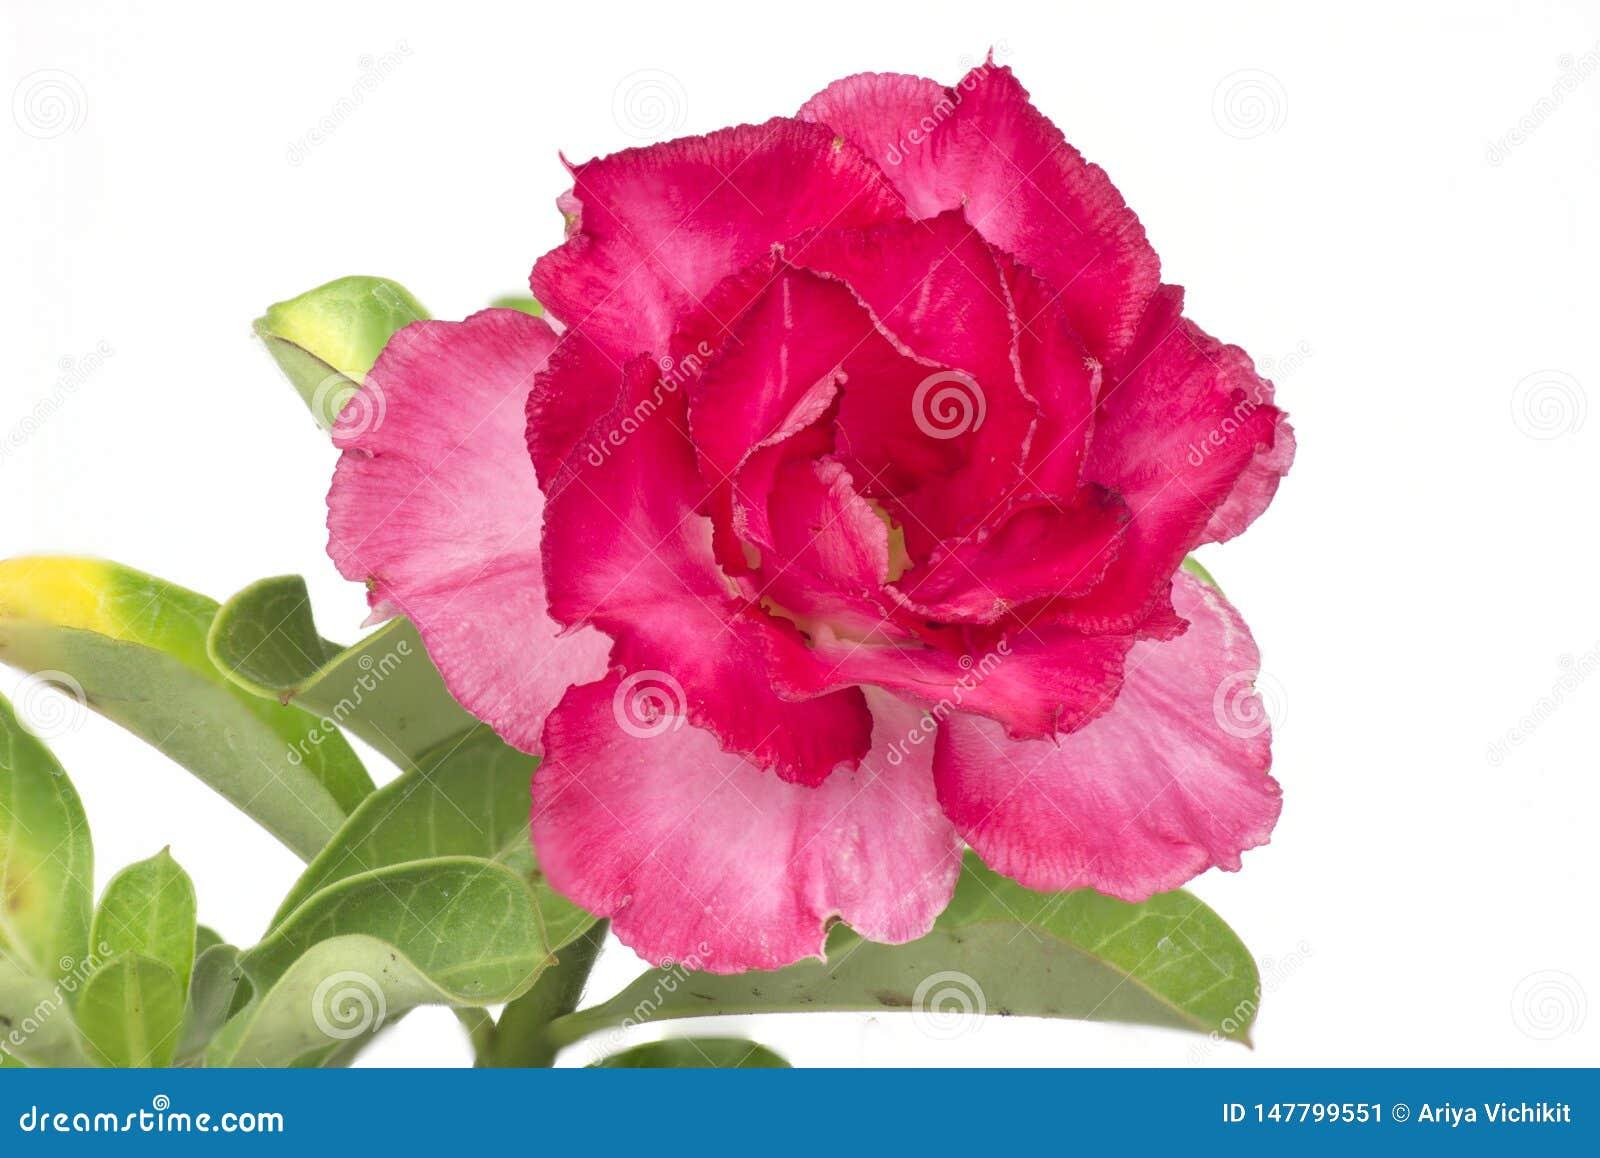 Nahaufnahme von roten Adeniumblumen auf einem weißen Hintergrund